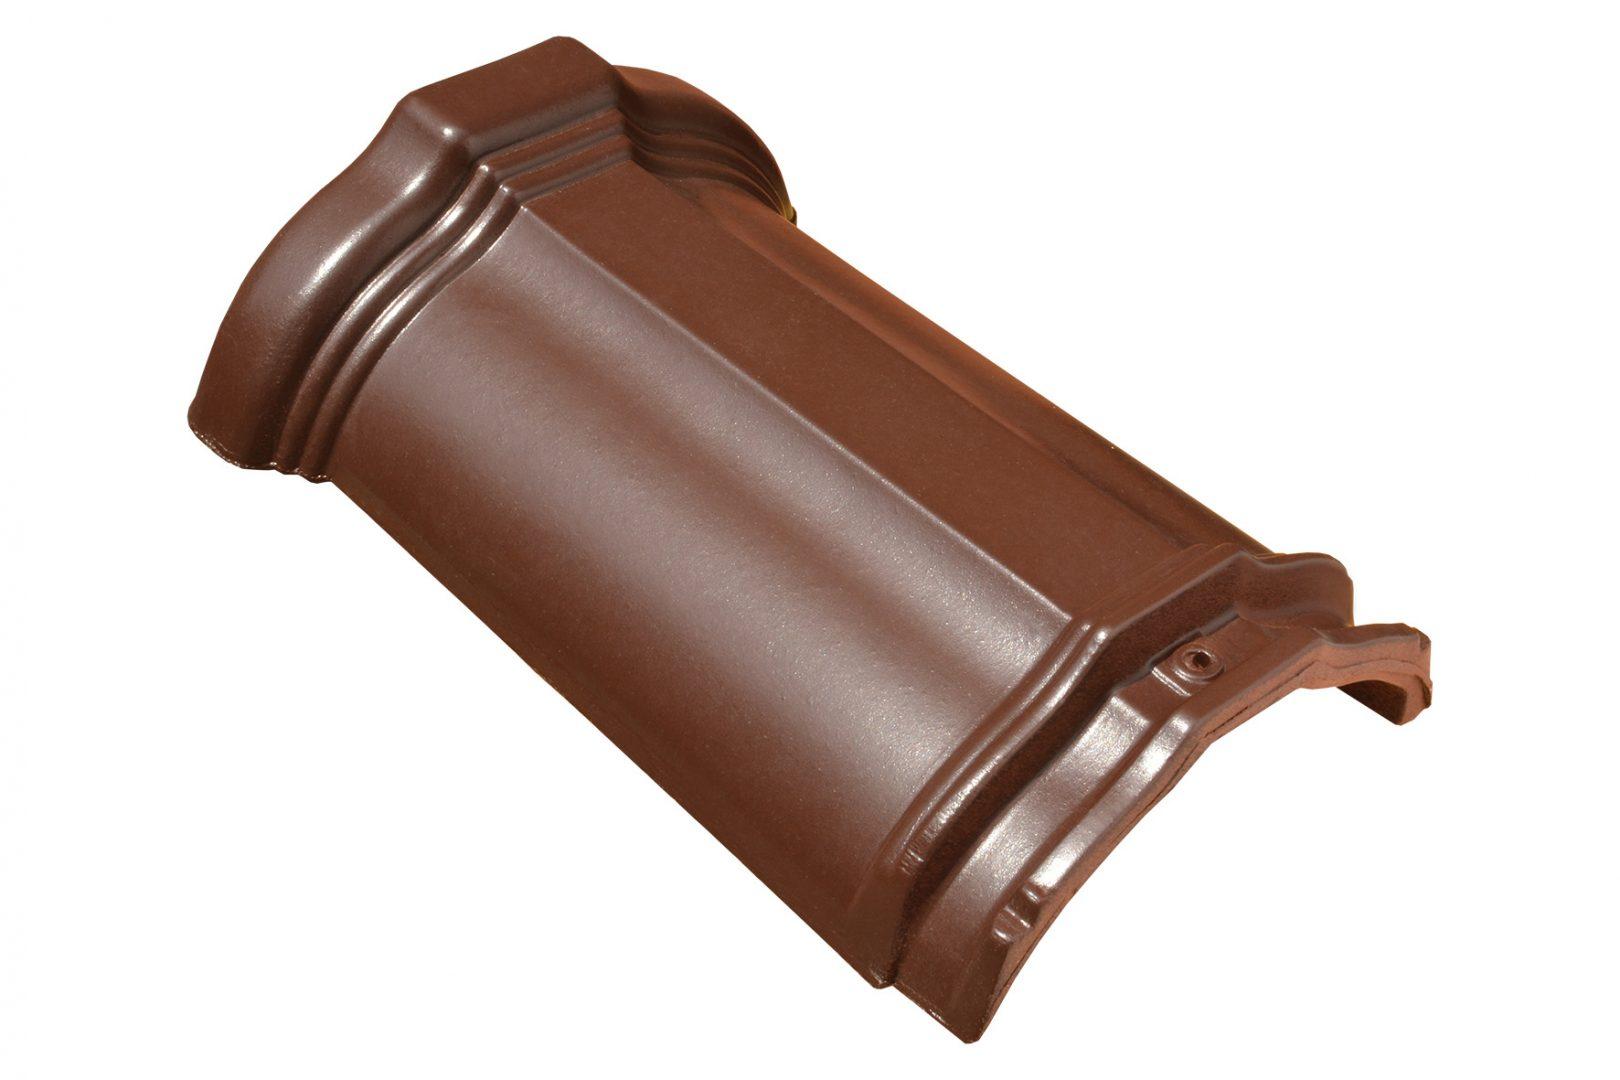 Žlebnjak Glinex Klasik - braon